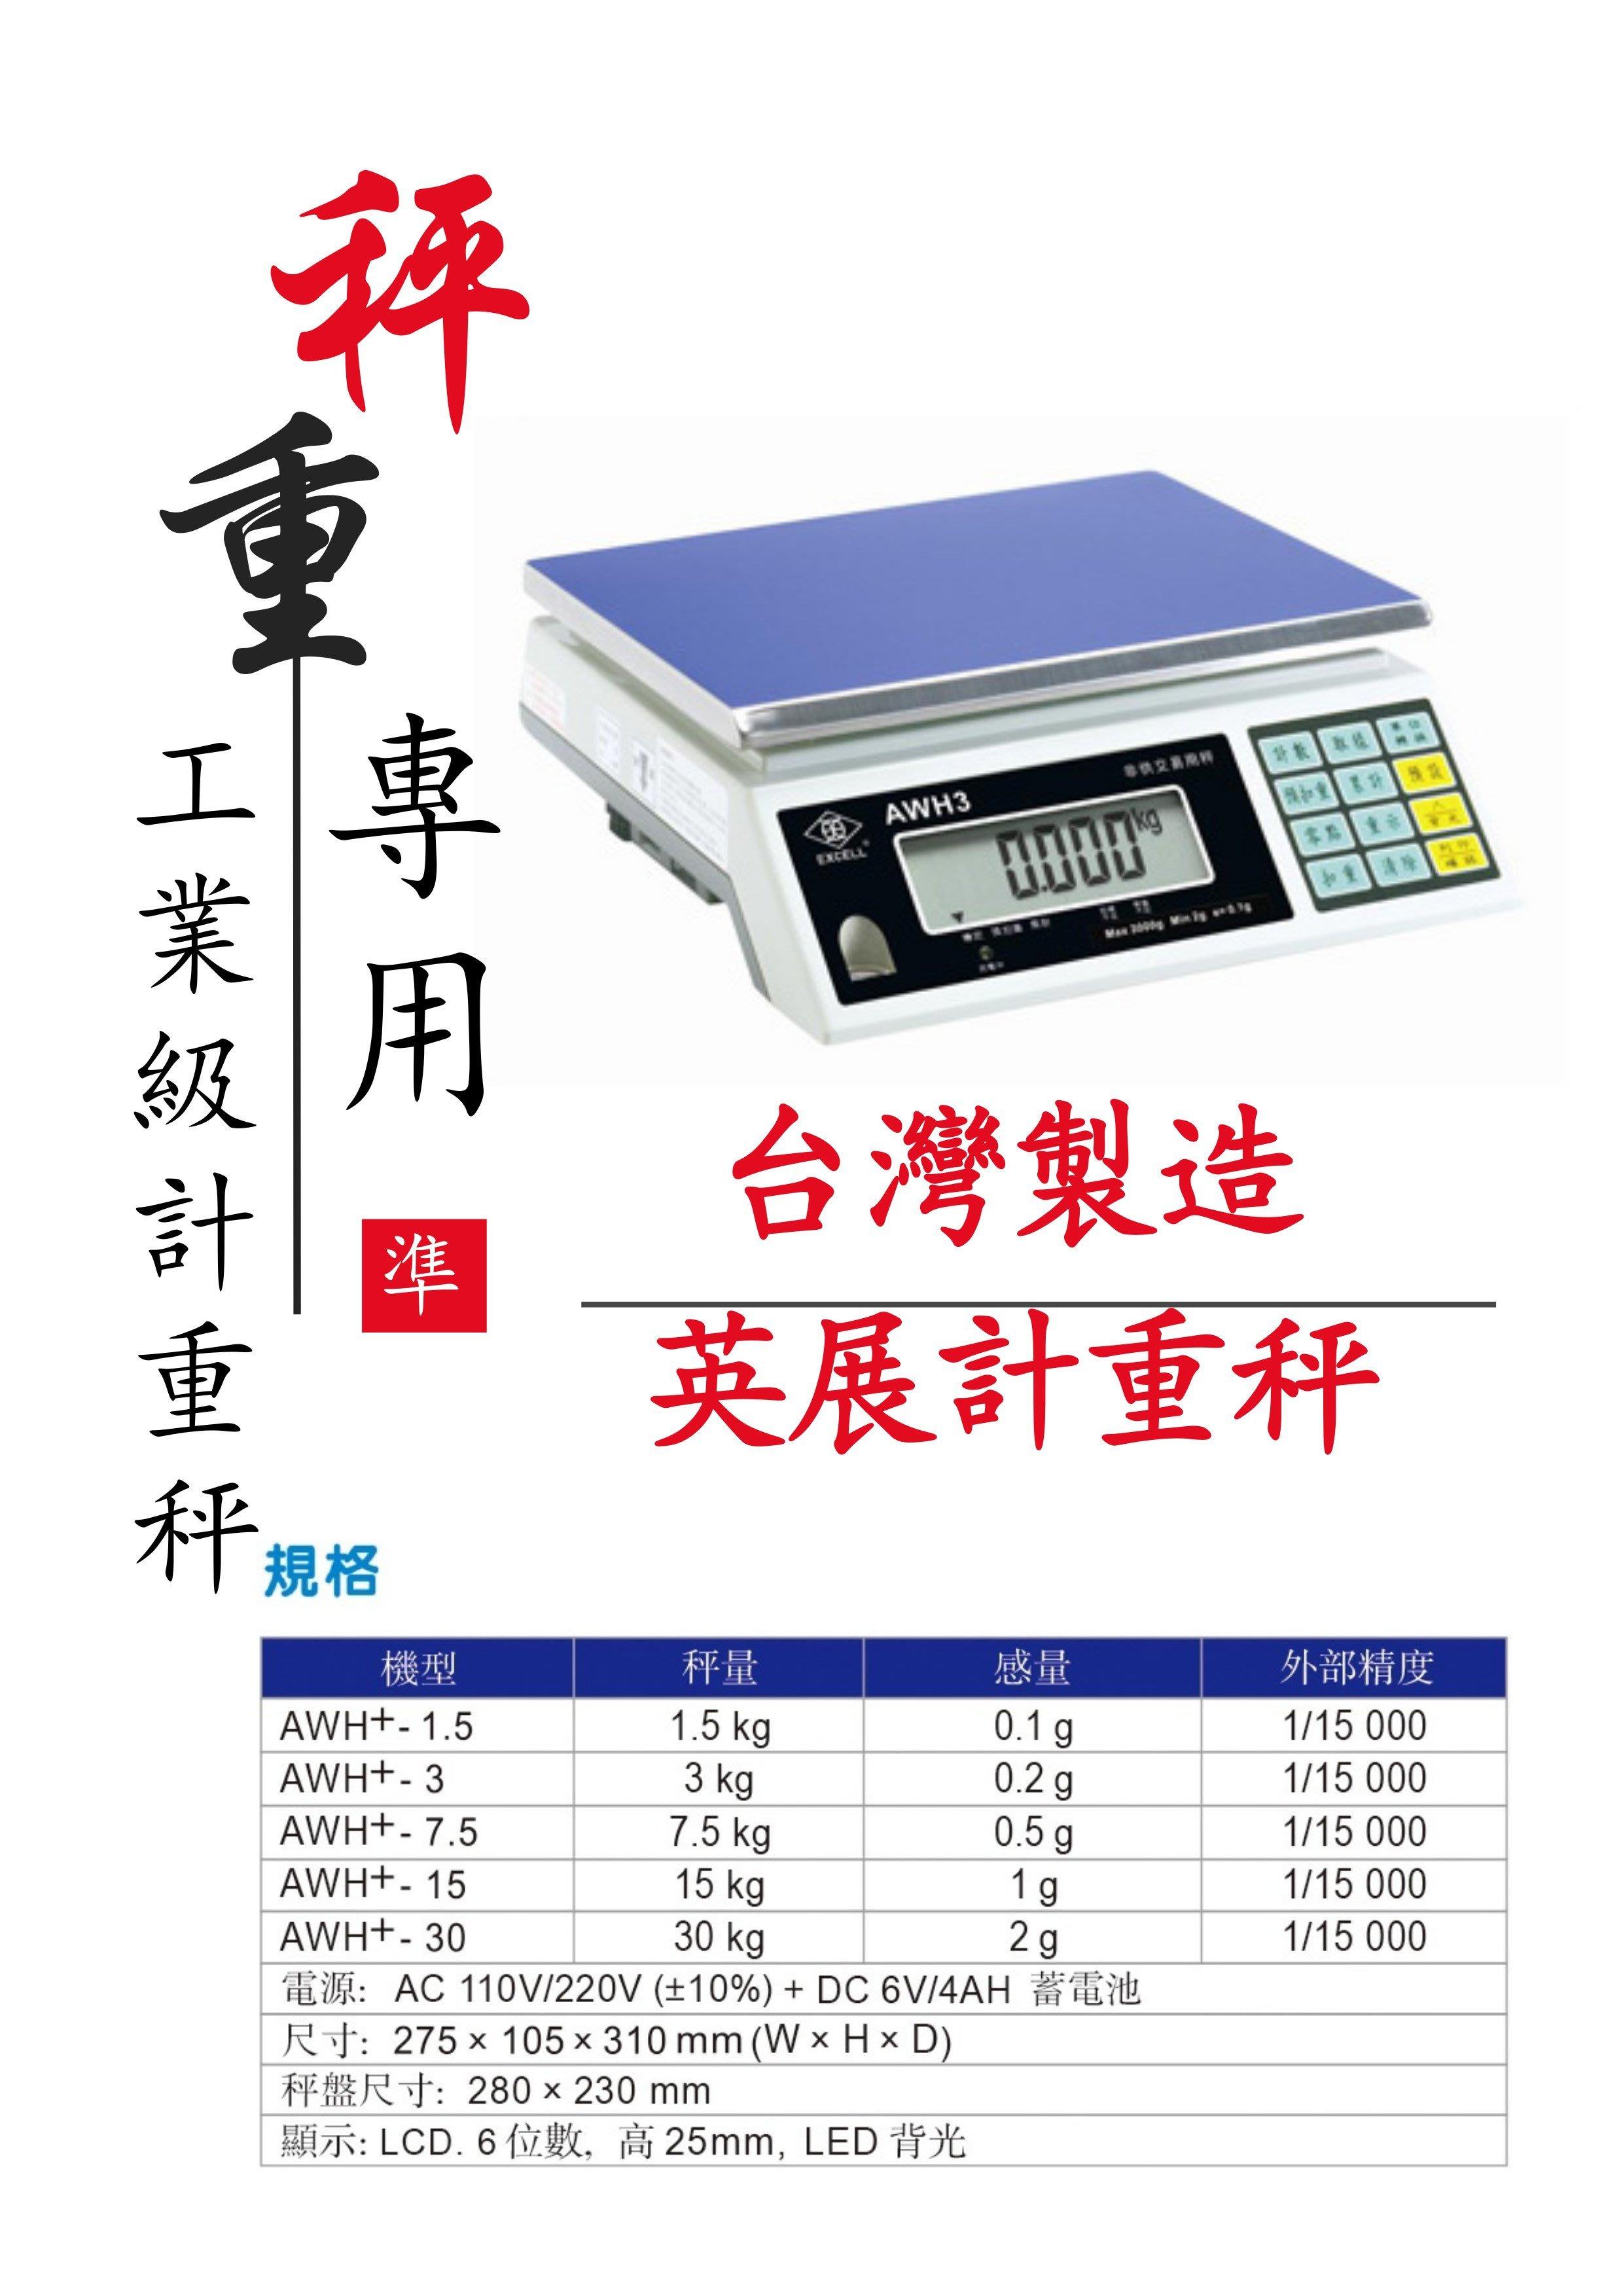 電子秤 電子計重秤 台製英展 7.5kg x 0.5g ,有實體店面、購買更放心【三重】